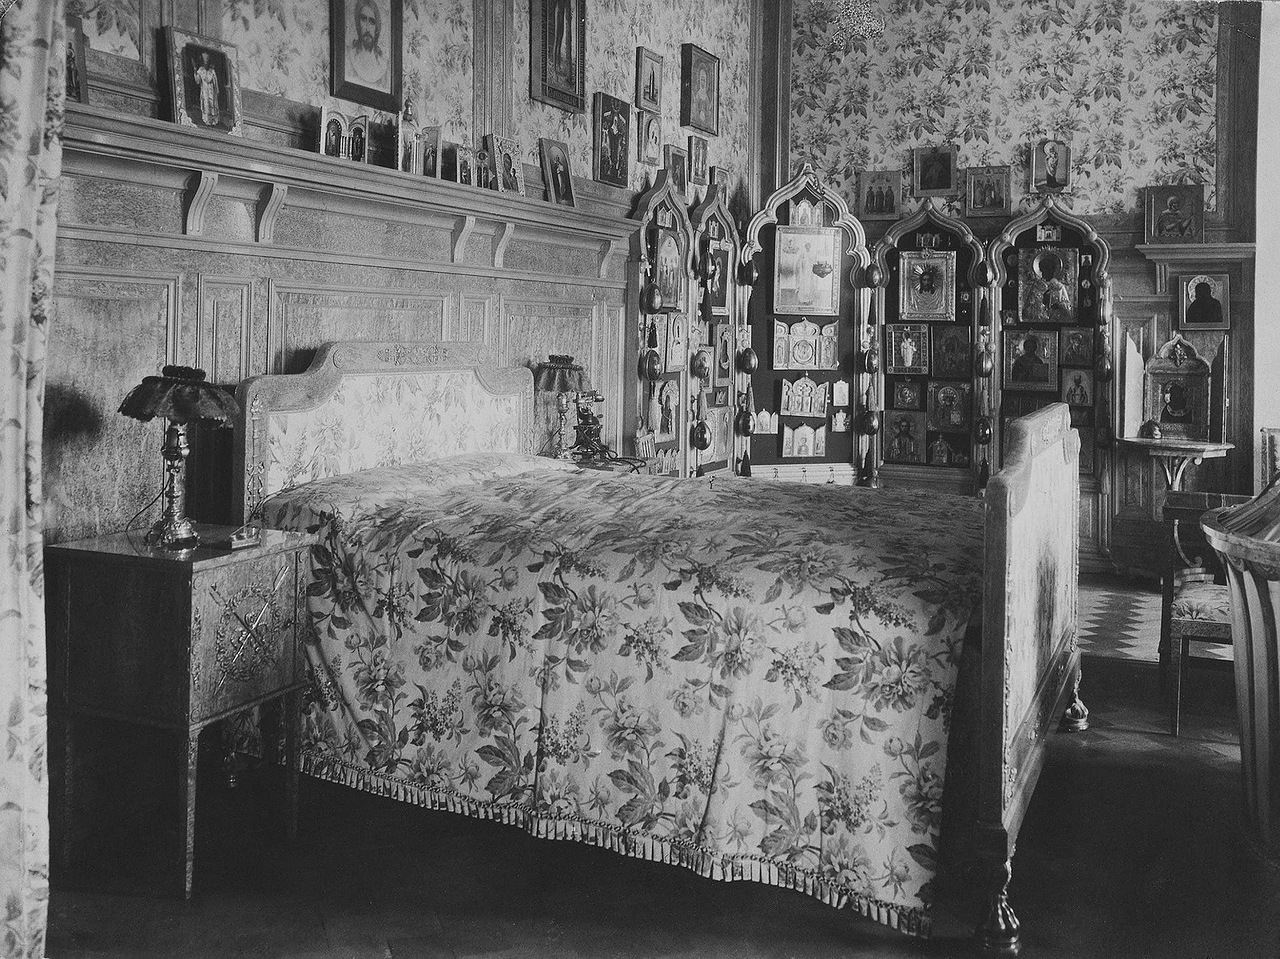 Winter palace 1917